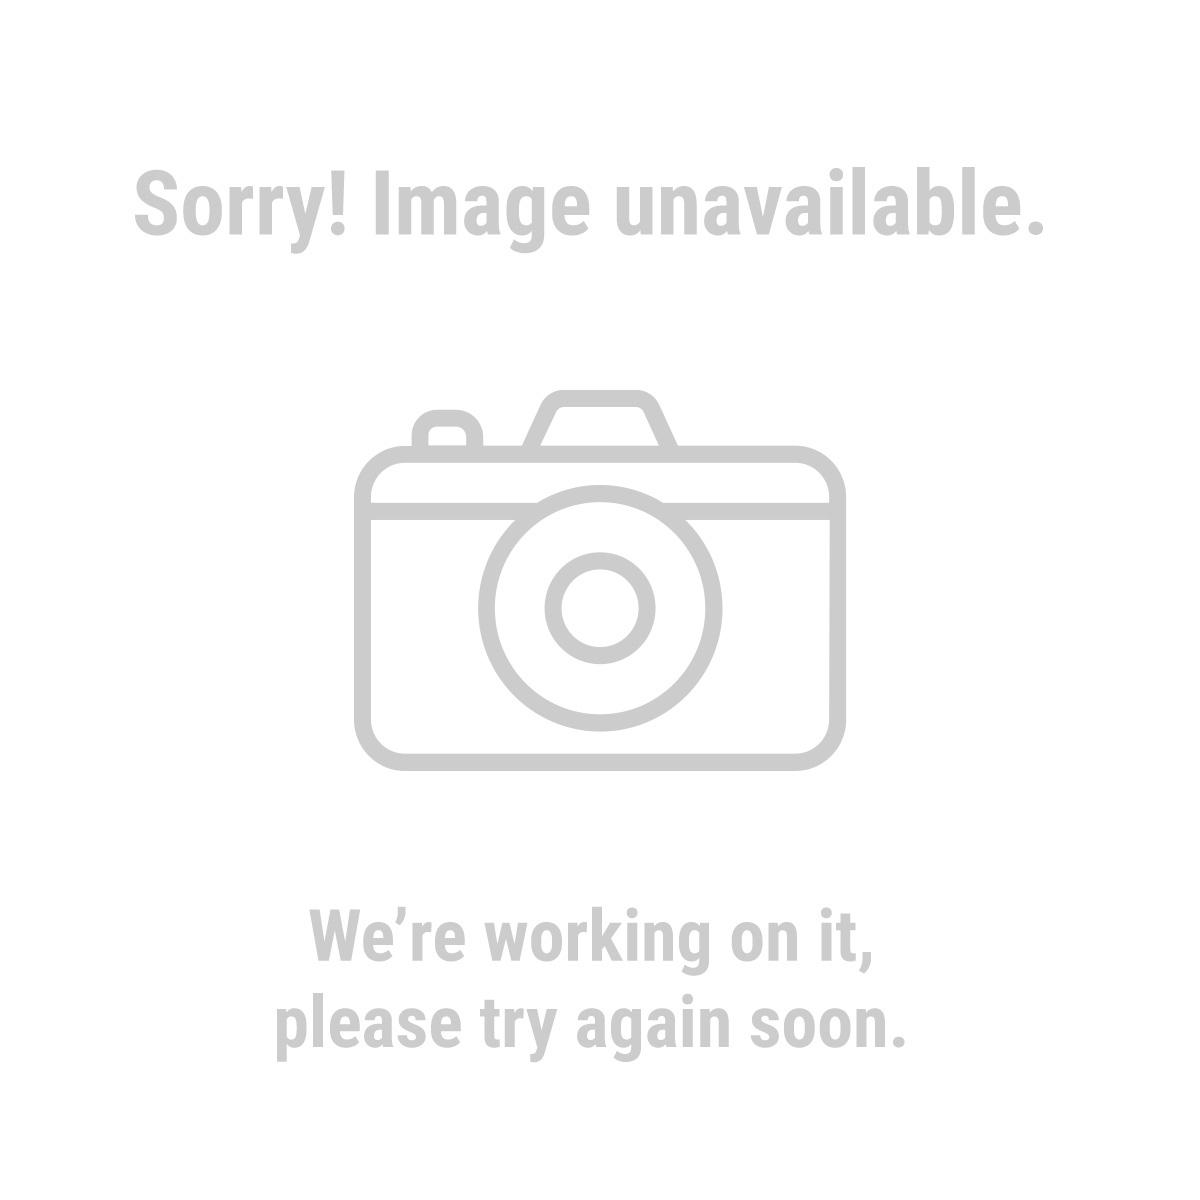 Predator Generators 63085 8750 Peak/7000 Running Watts, 13 HP  (420cc) Generator EPA III